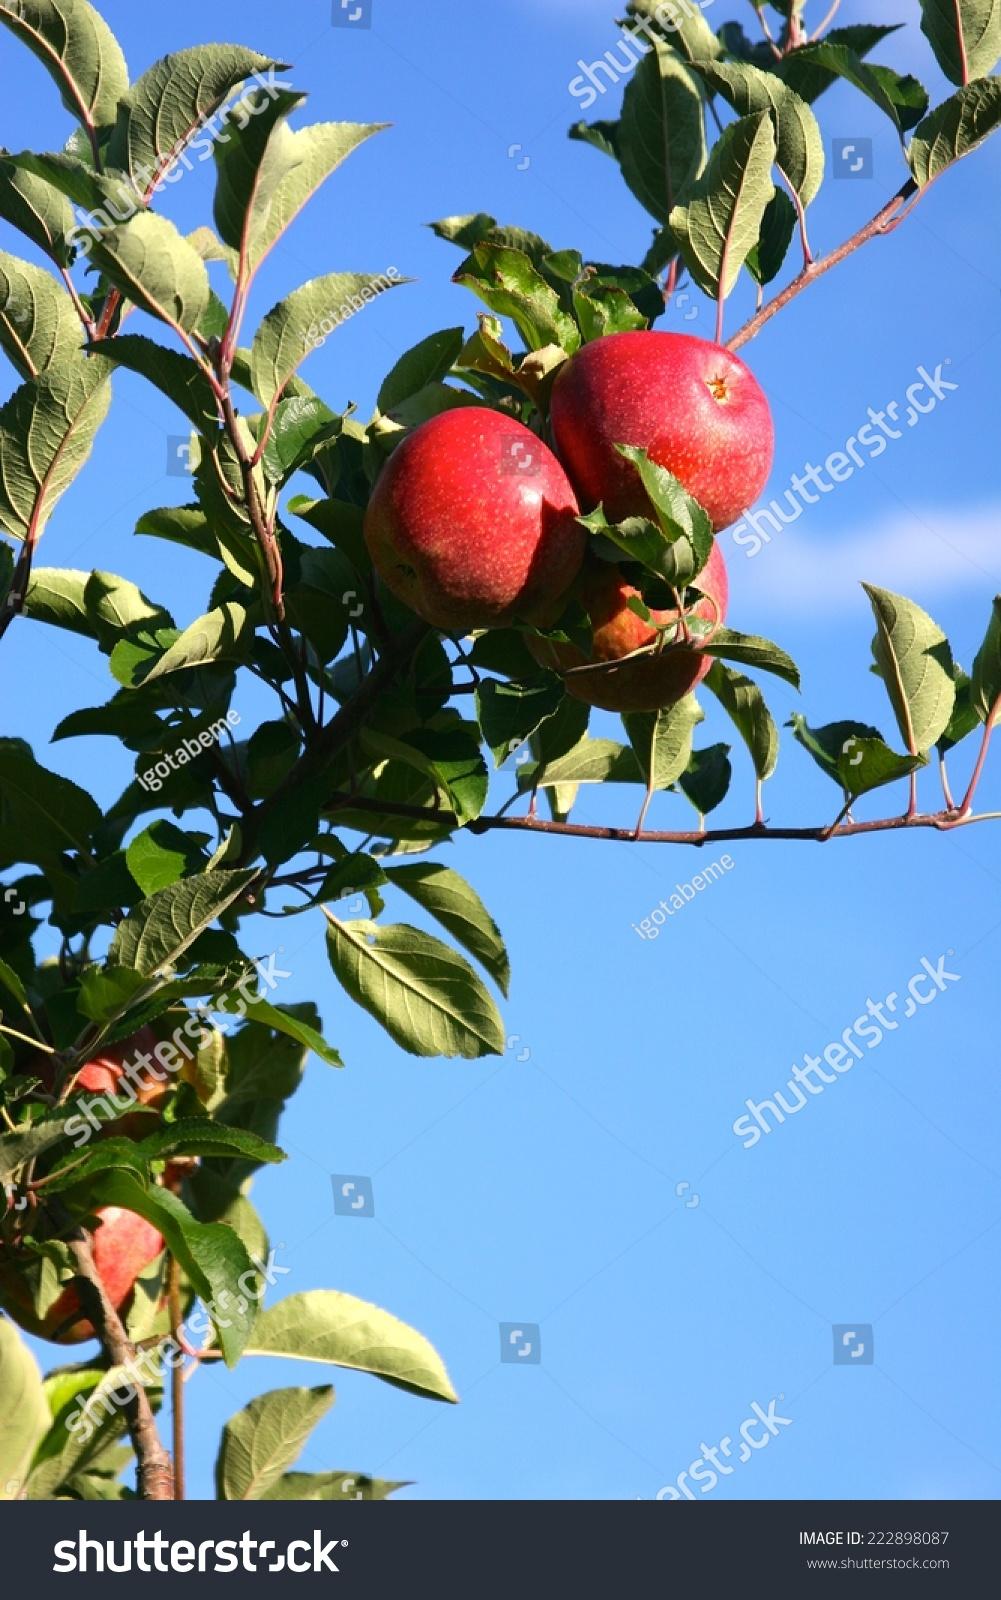 果园里的苹果树.-食品及饮料,自然-海洛创意(hellorf)